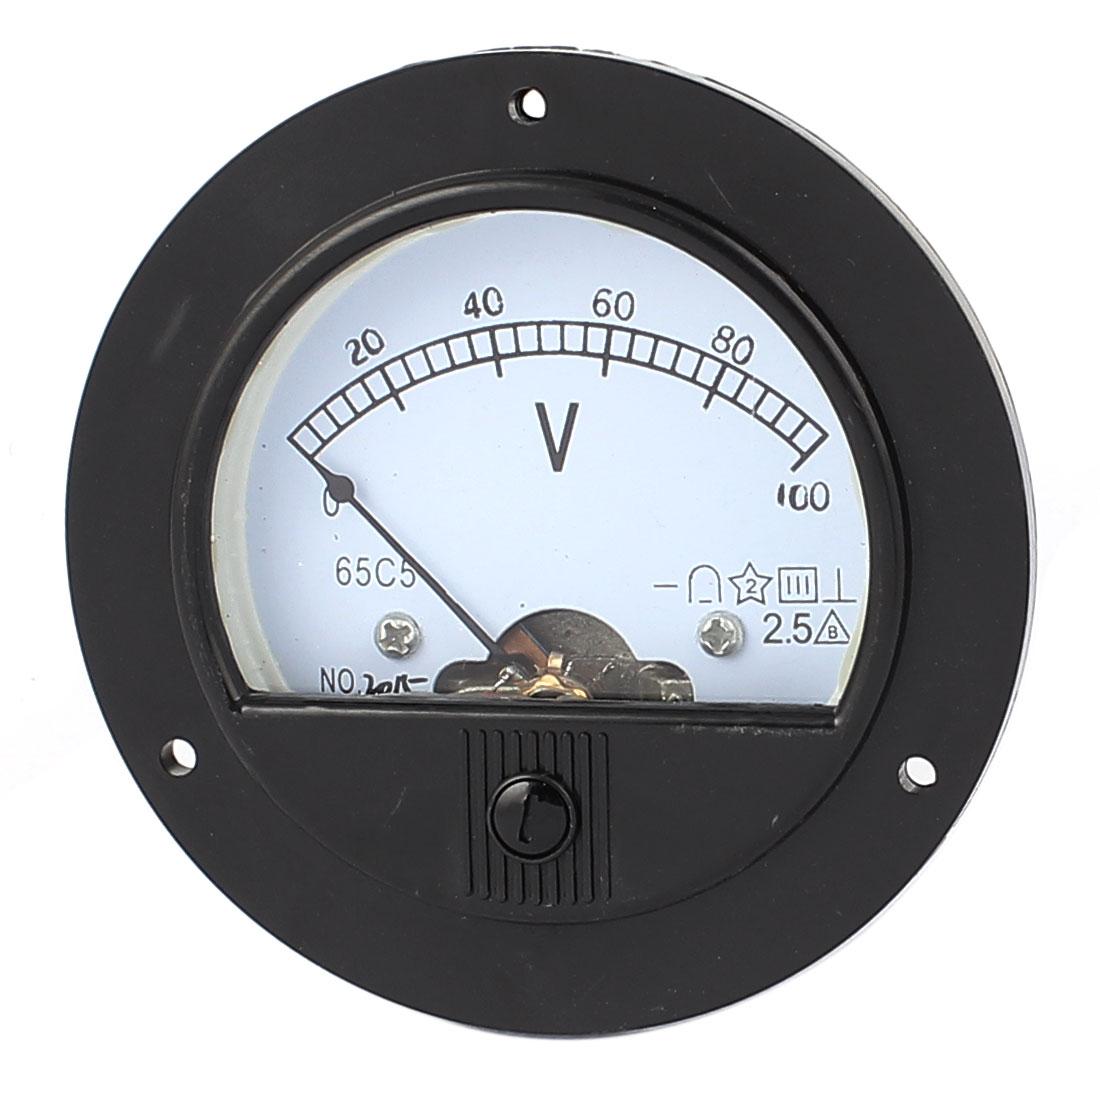 DC 0-100V Analog Panel Voltmeter Voltage Meter Measuring Gauge Class 2.5